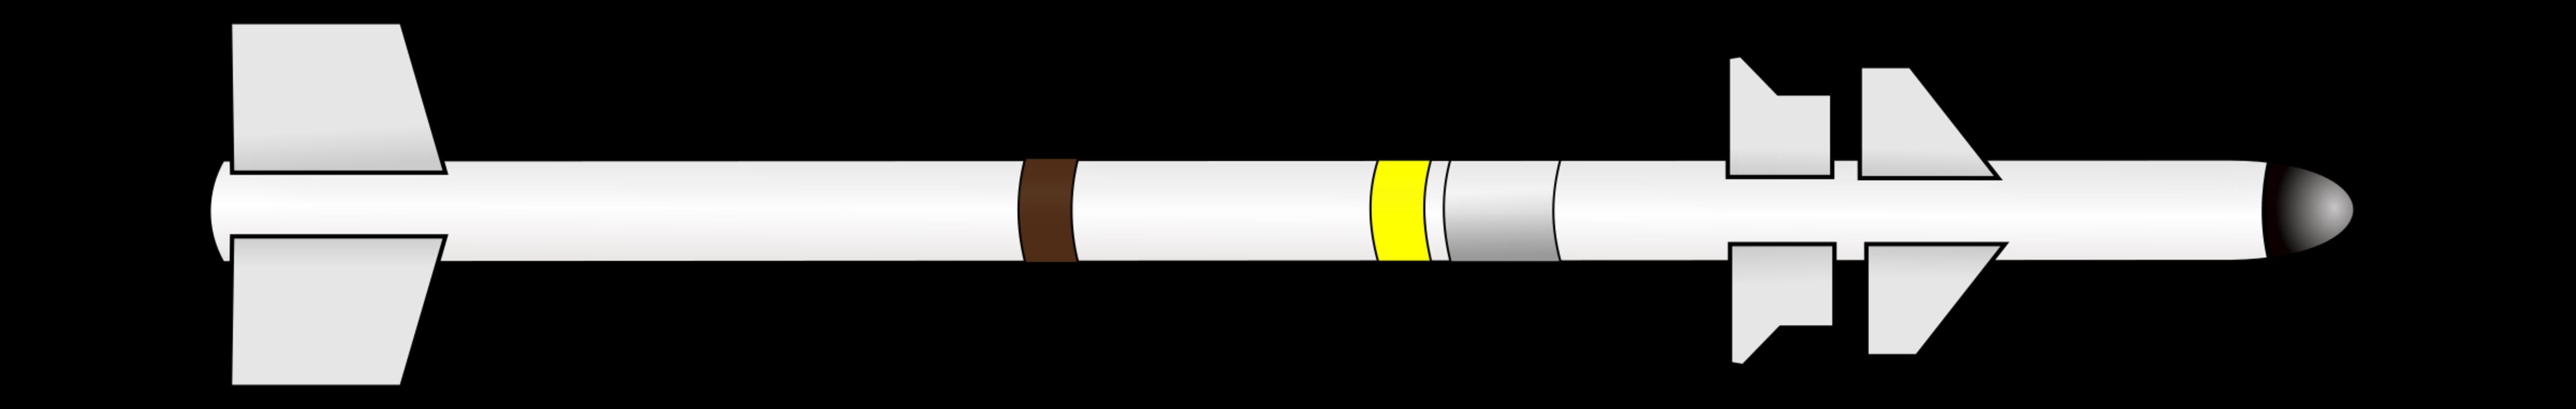 Diagram,Angle,Tool